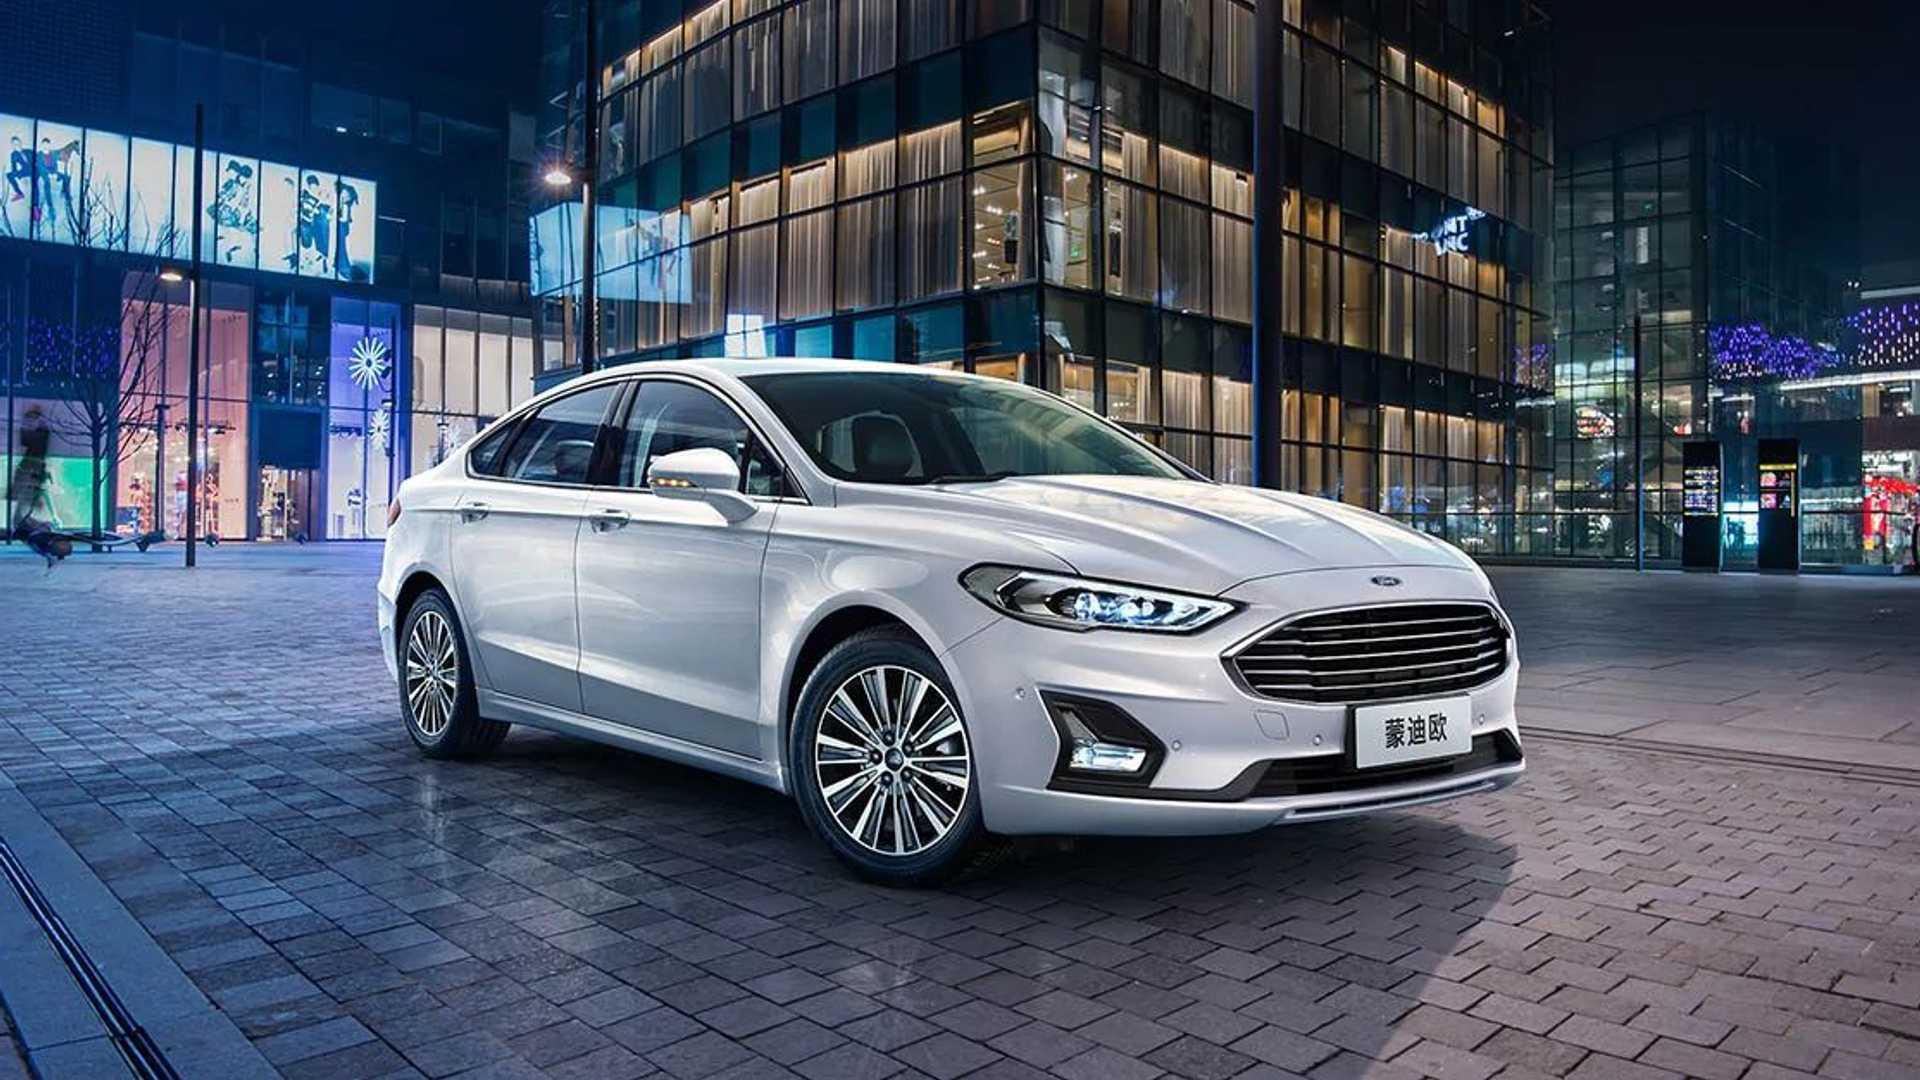 Promozione Ford Mondeo Titanium Hybrid